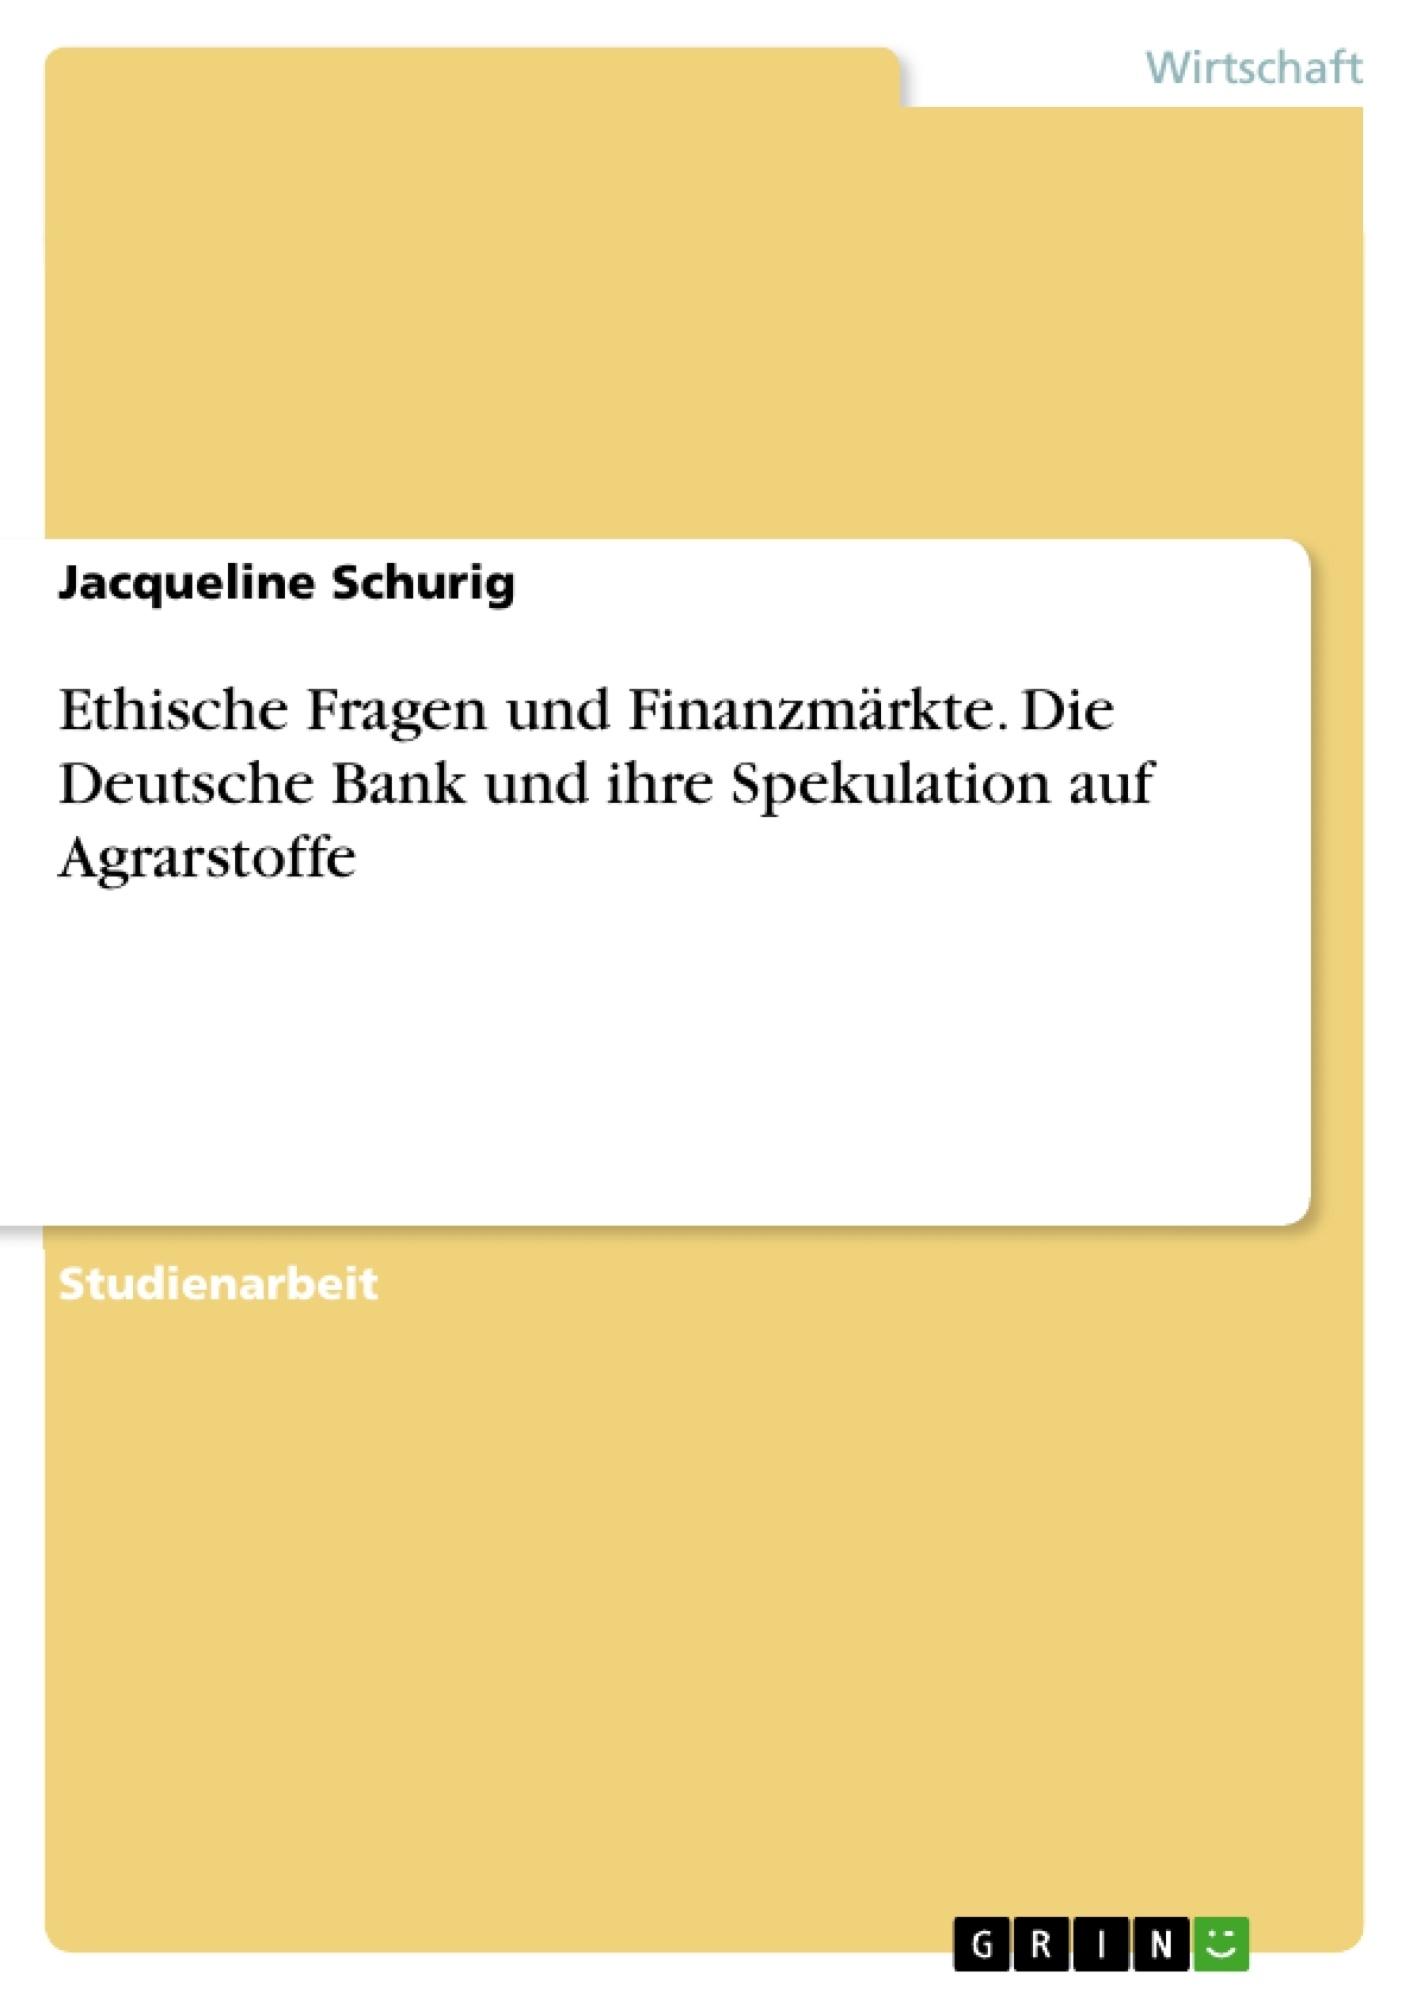 Titel: Ethische Fragen und Finanzmärkte. Die Deutsche Bank und ihre Spekulation auf Agrarstoffe